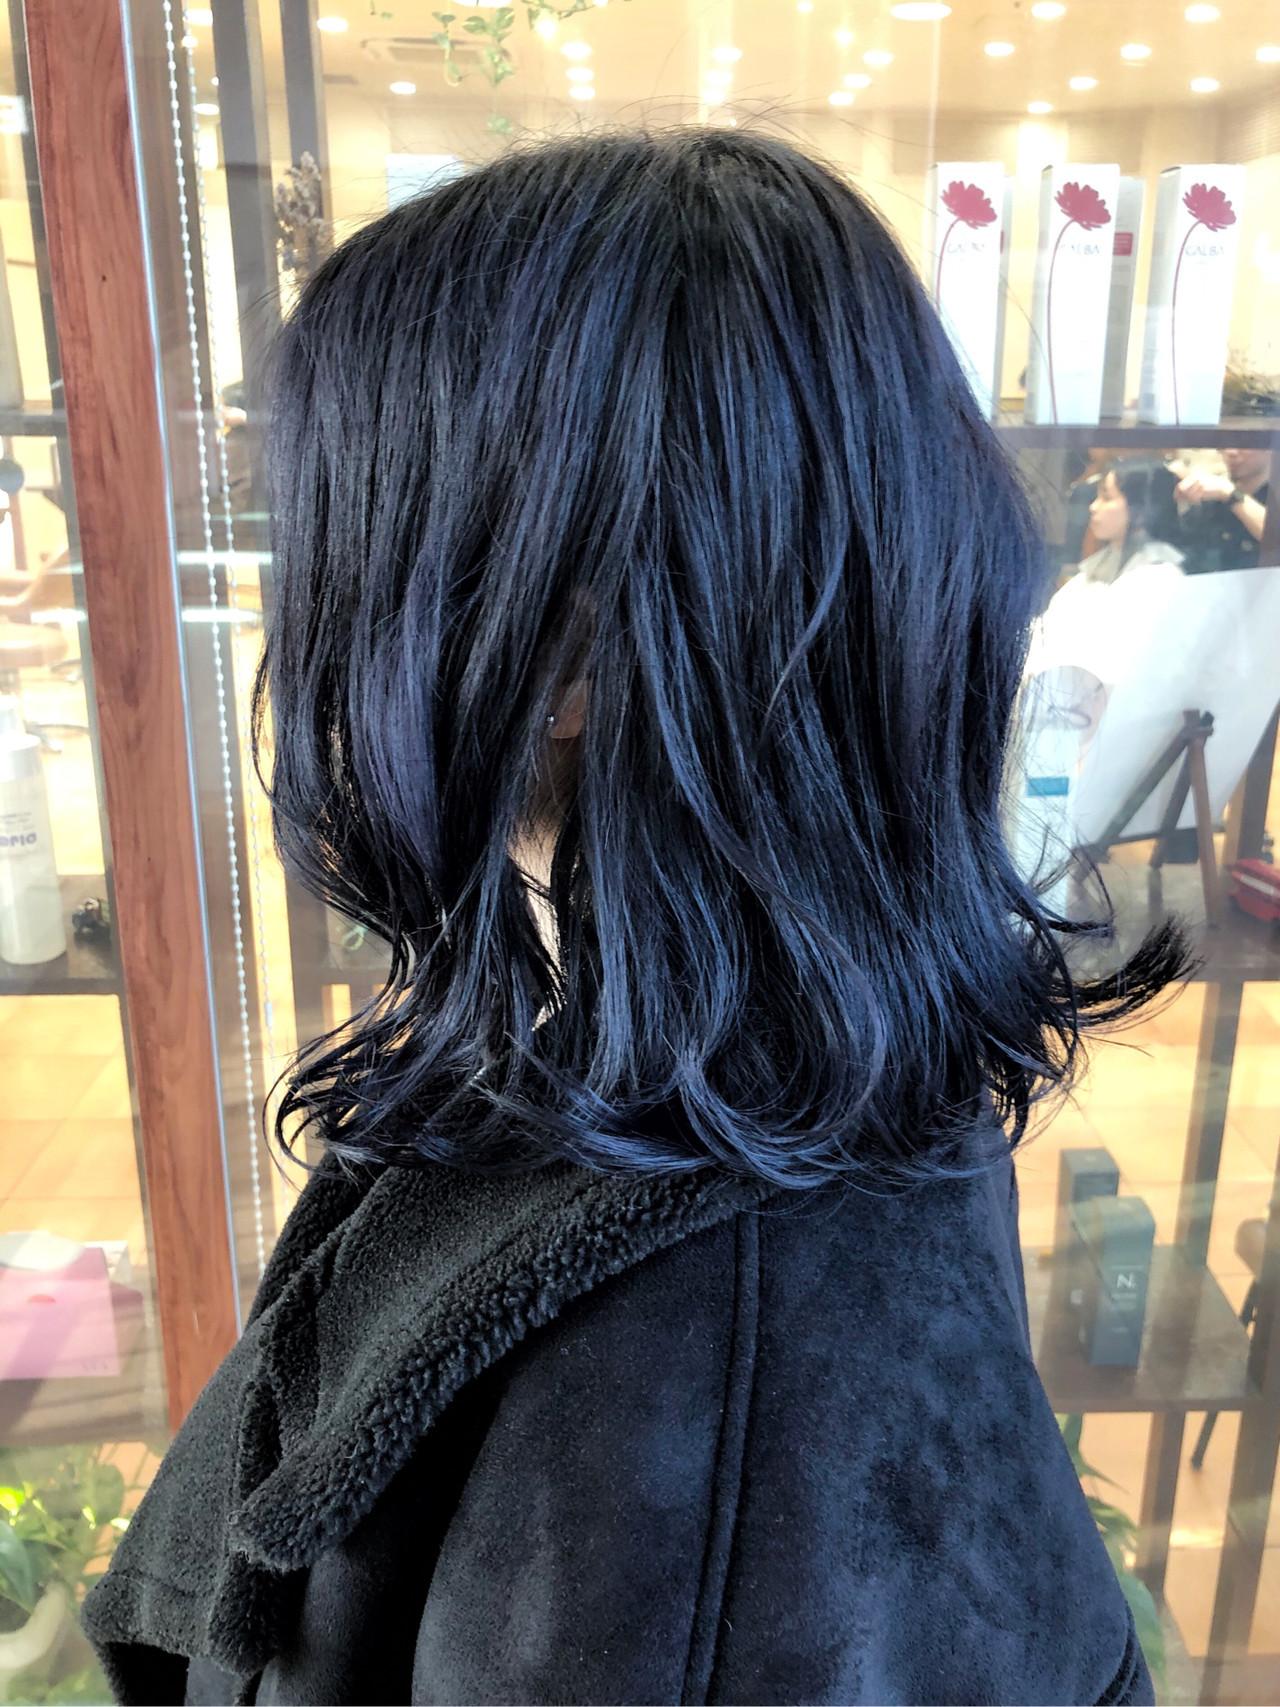 ネイビー ネイビーブルー ネイビーアッシュ ミディアムヘアー ヘアスタイルや髪型の写真・画像